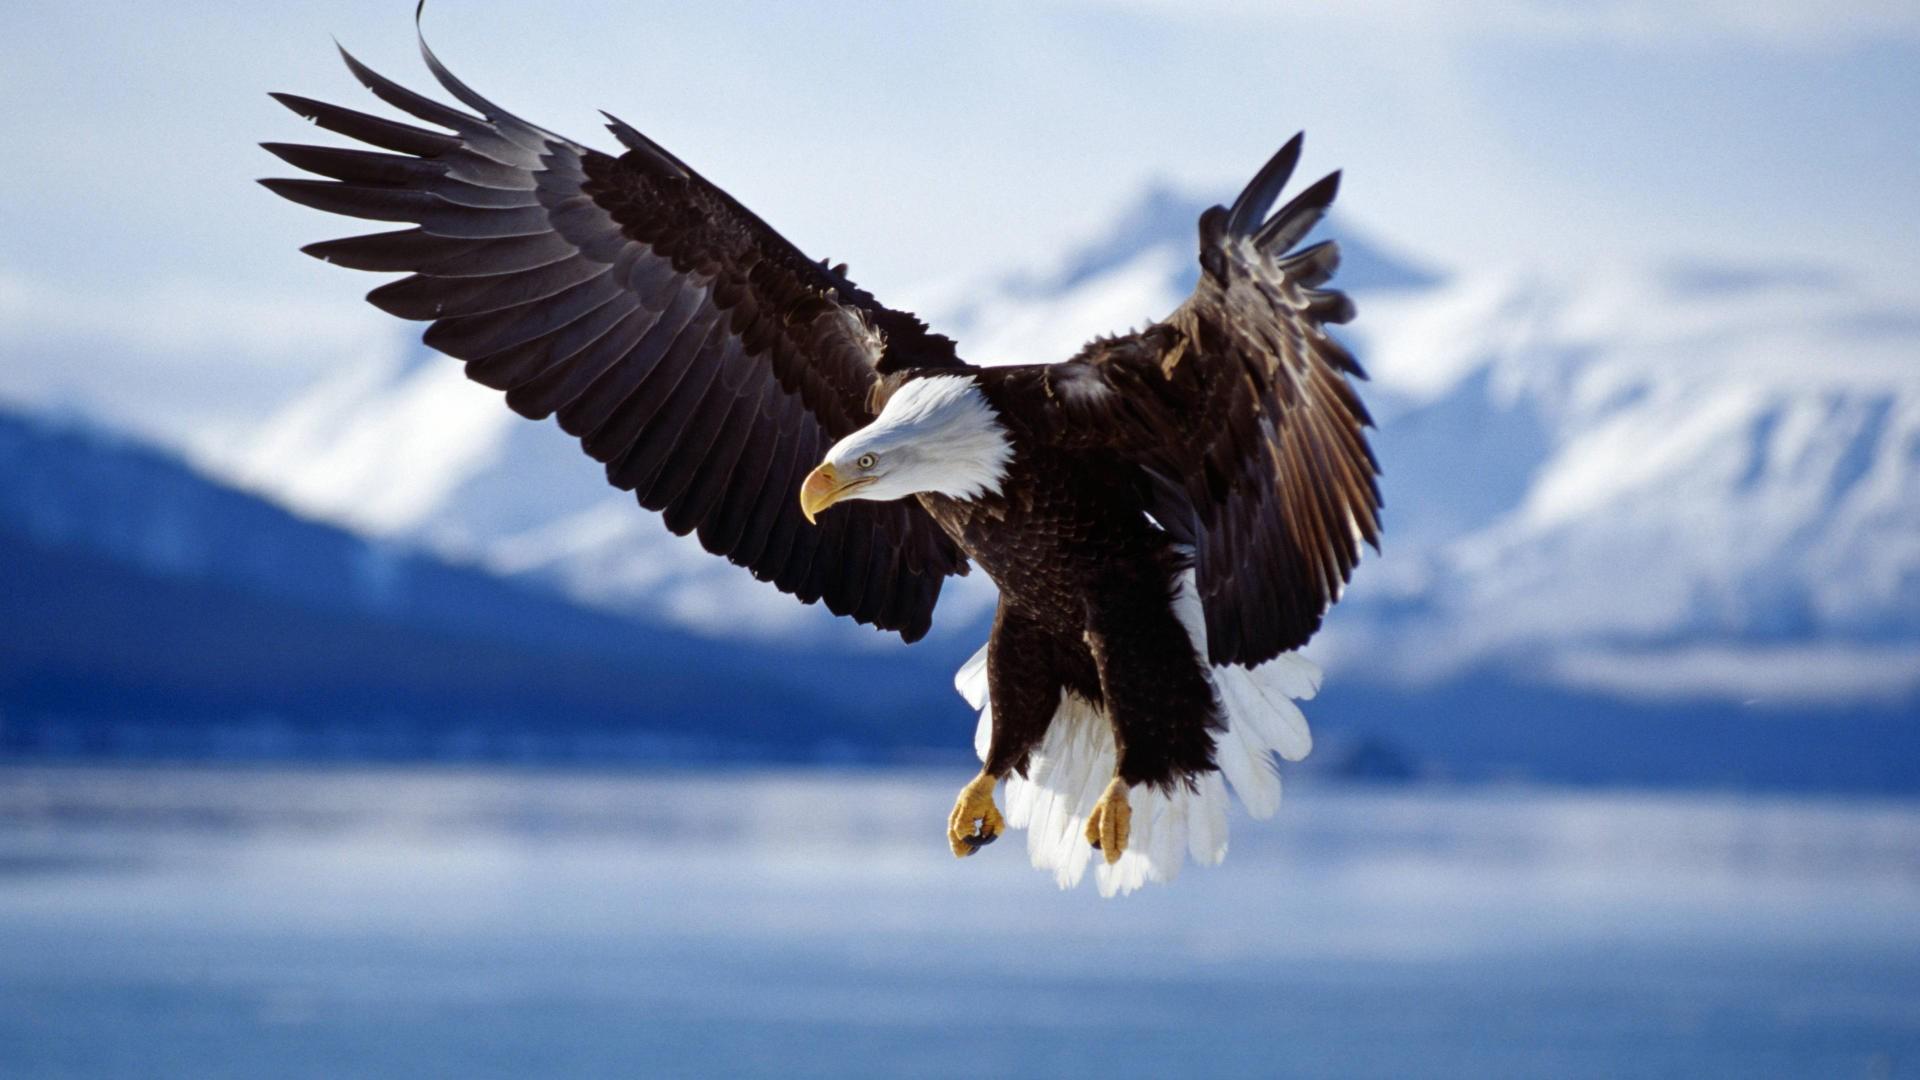 nature animals eagle wildlife birds bald eagle flying freedom glider